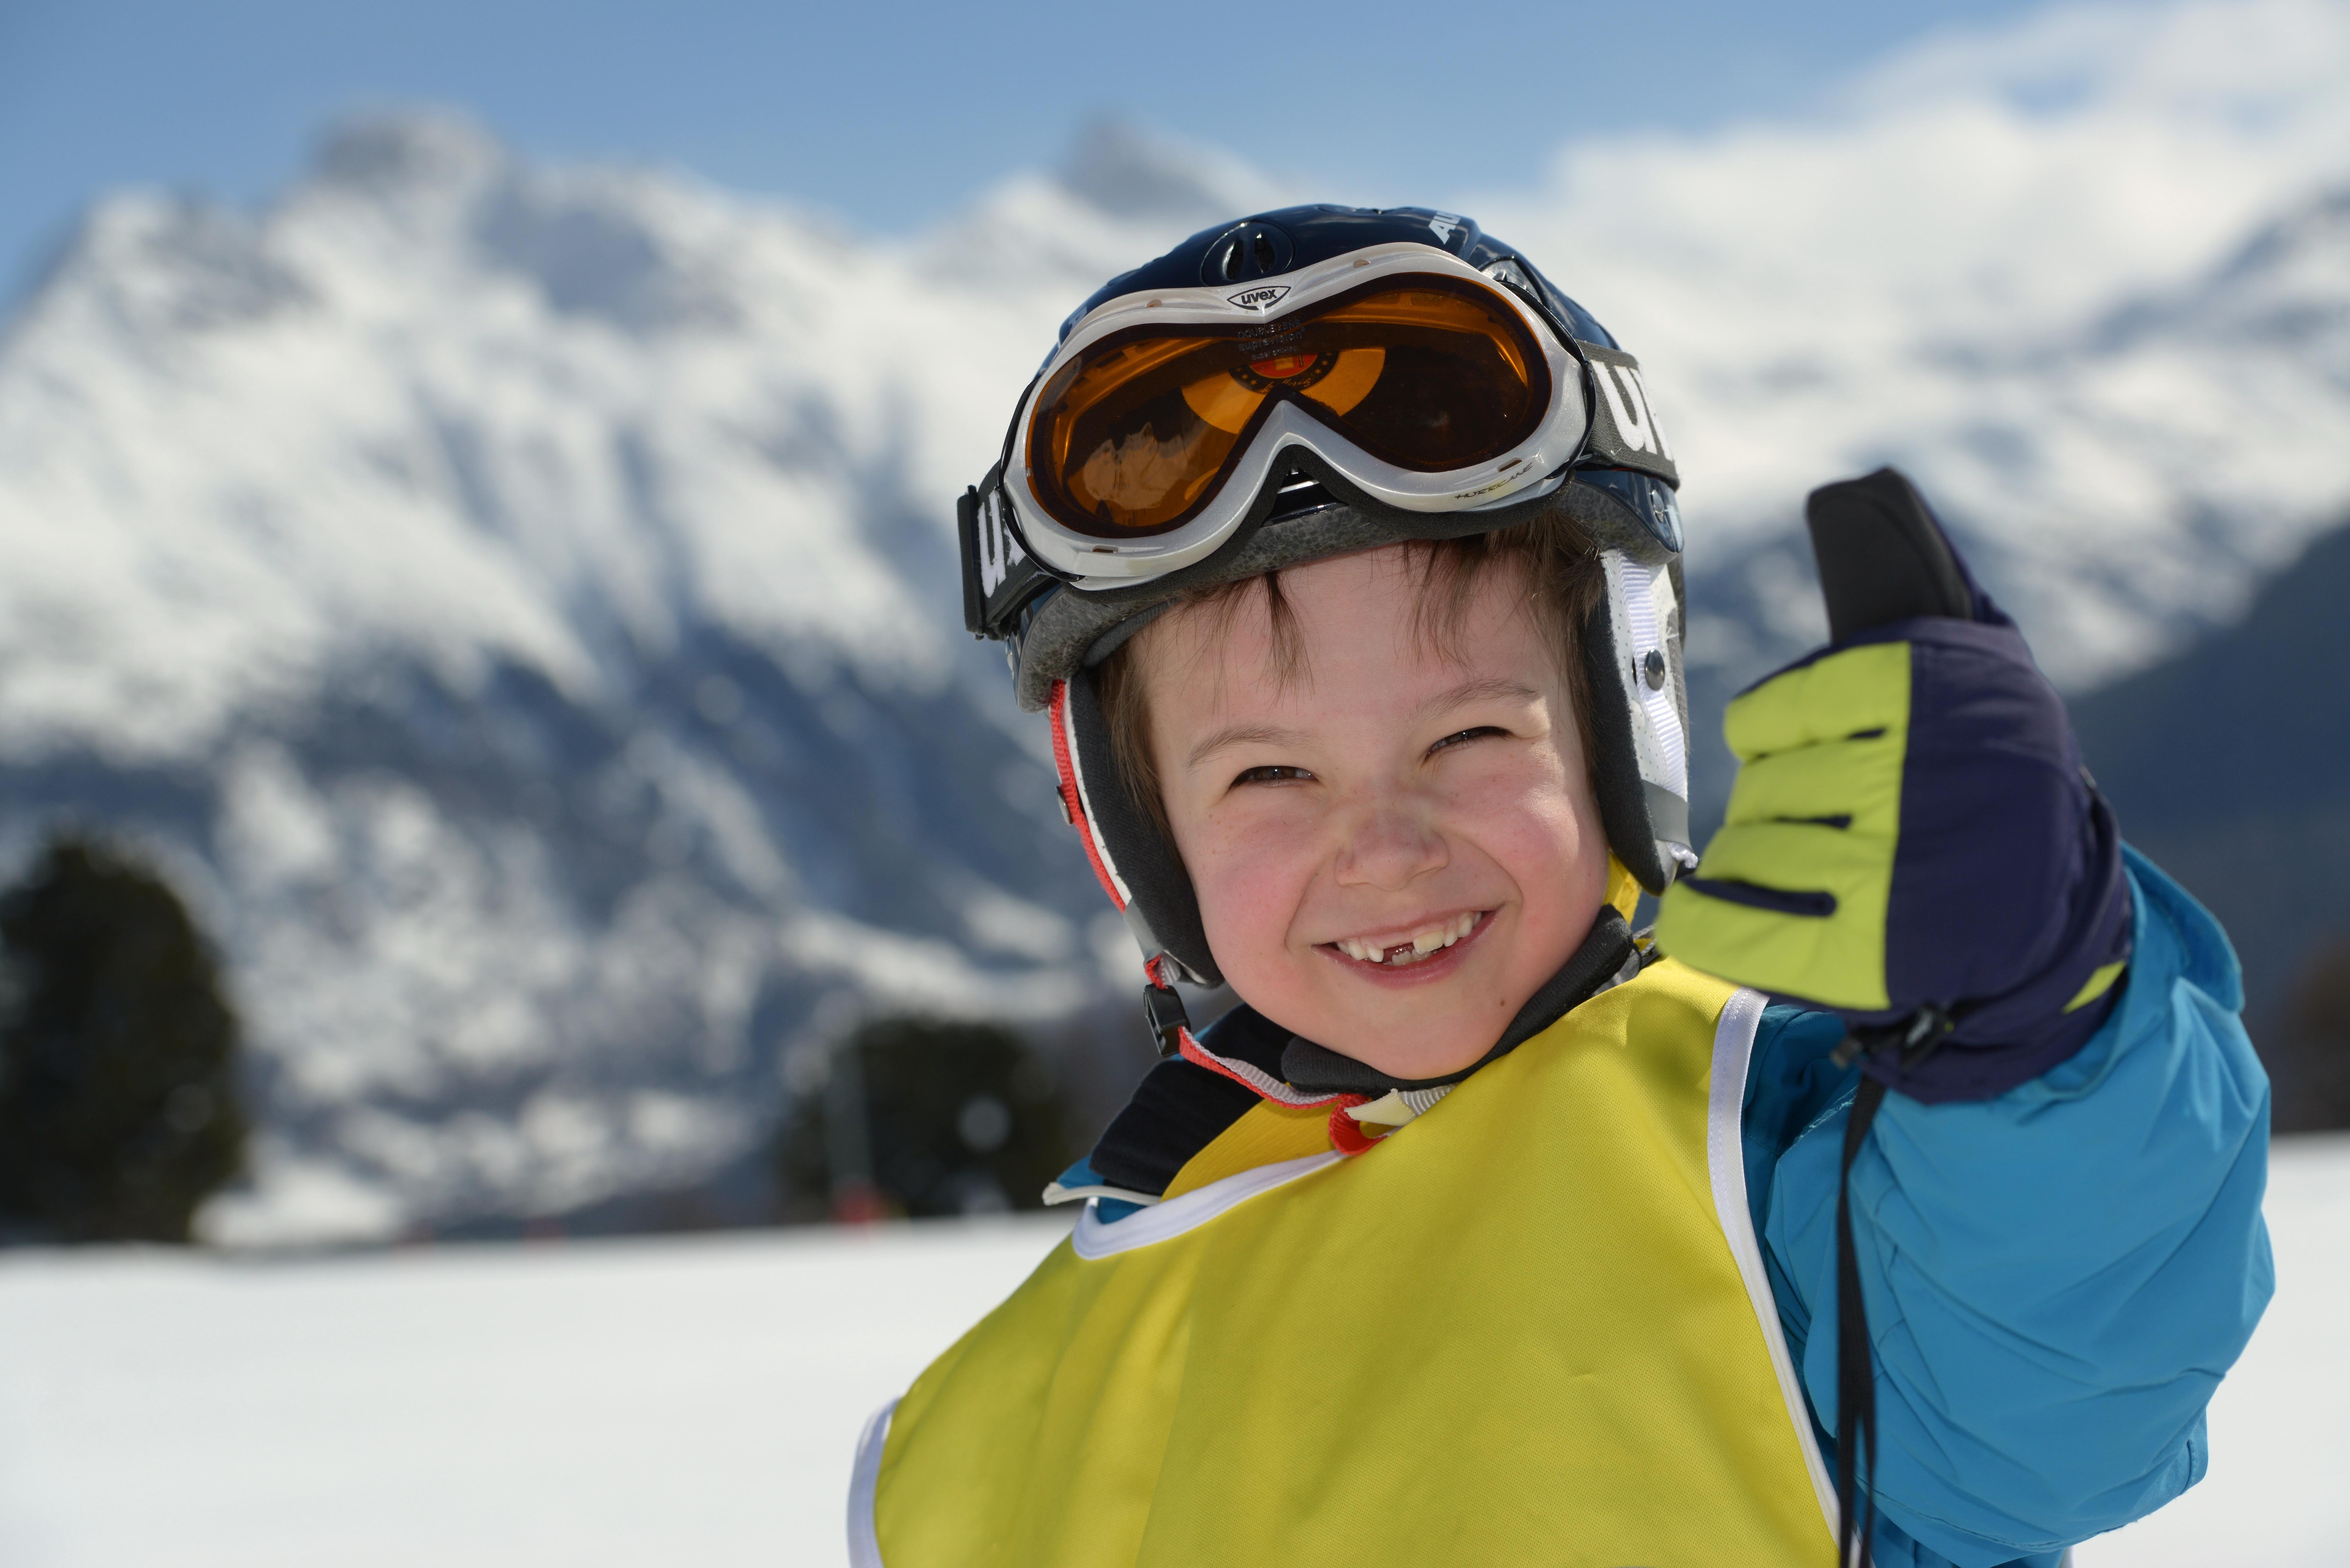 Schweizer Skischule St. Moritz / Celerina Slide 3